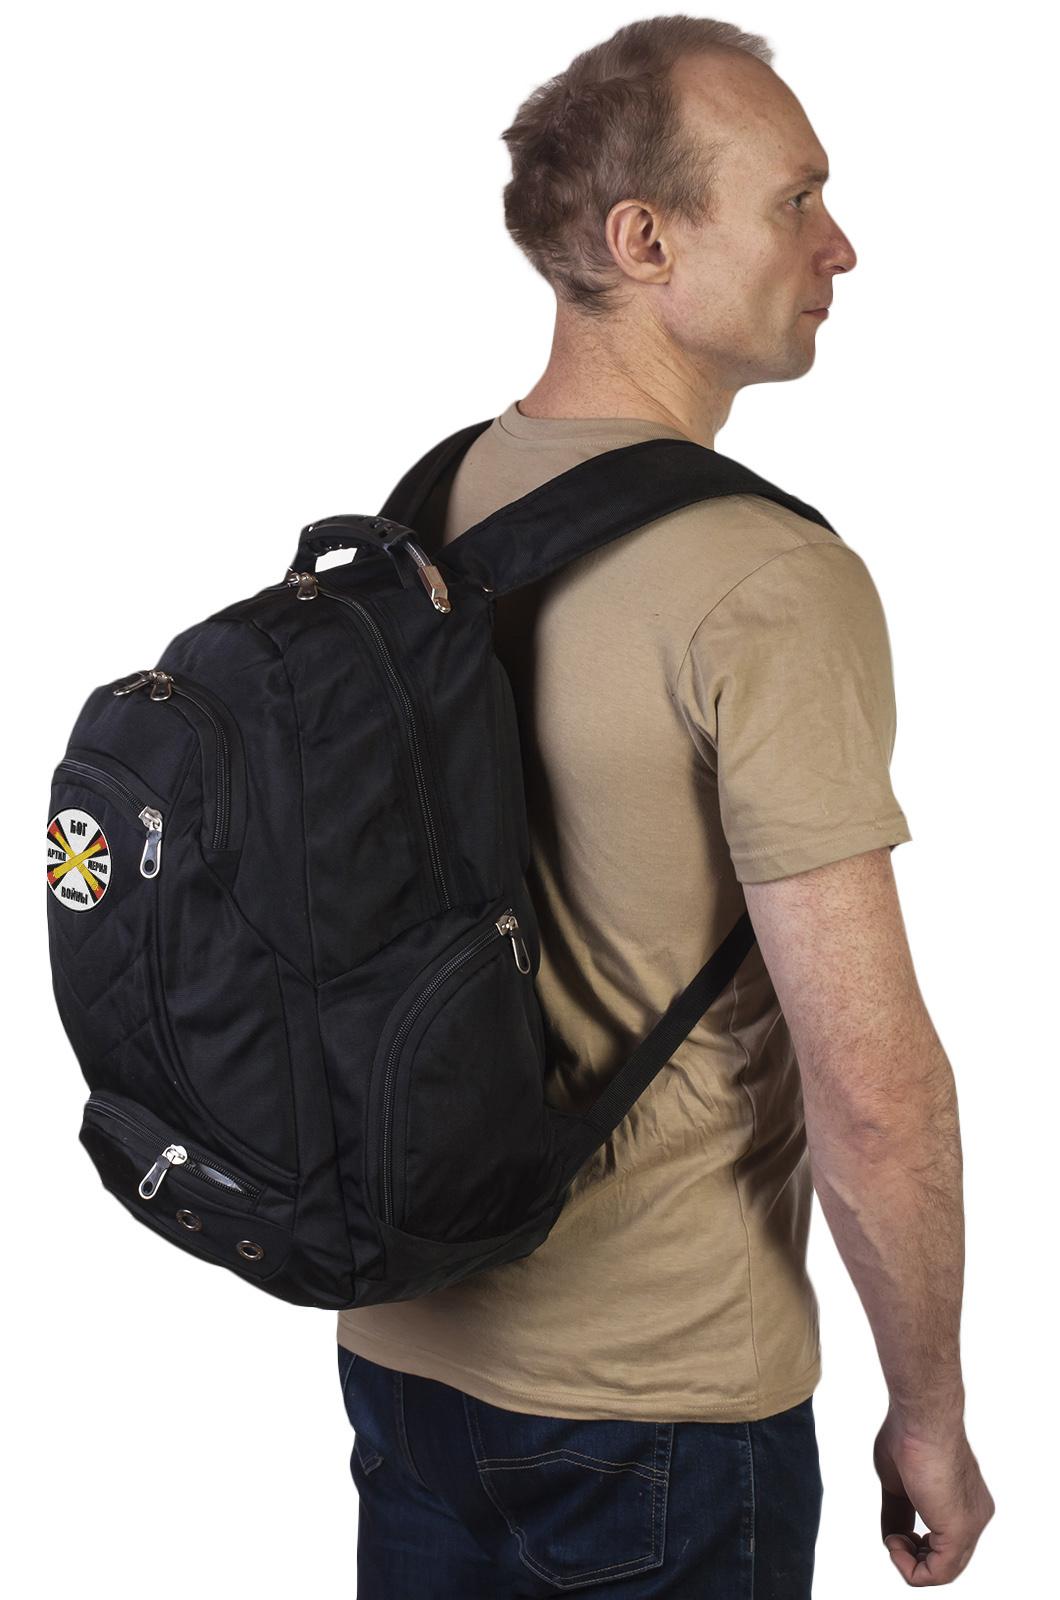 Заказать надежный черный рюкзак с символикой РВиА